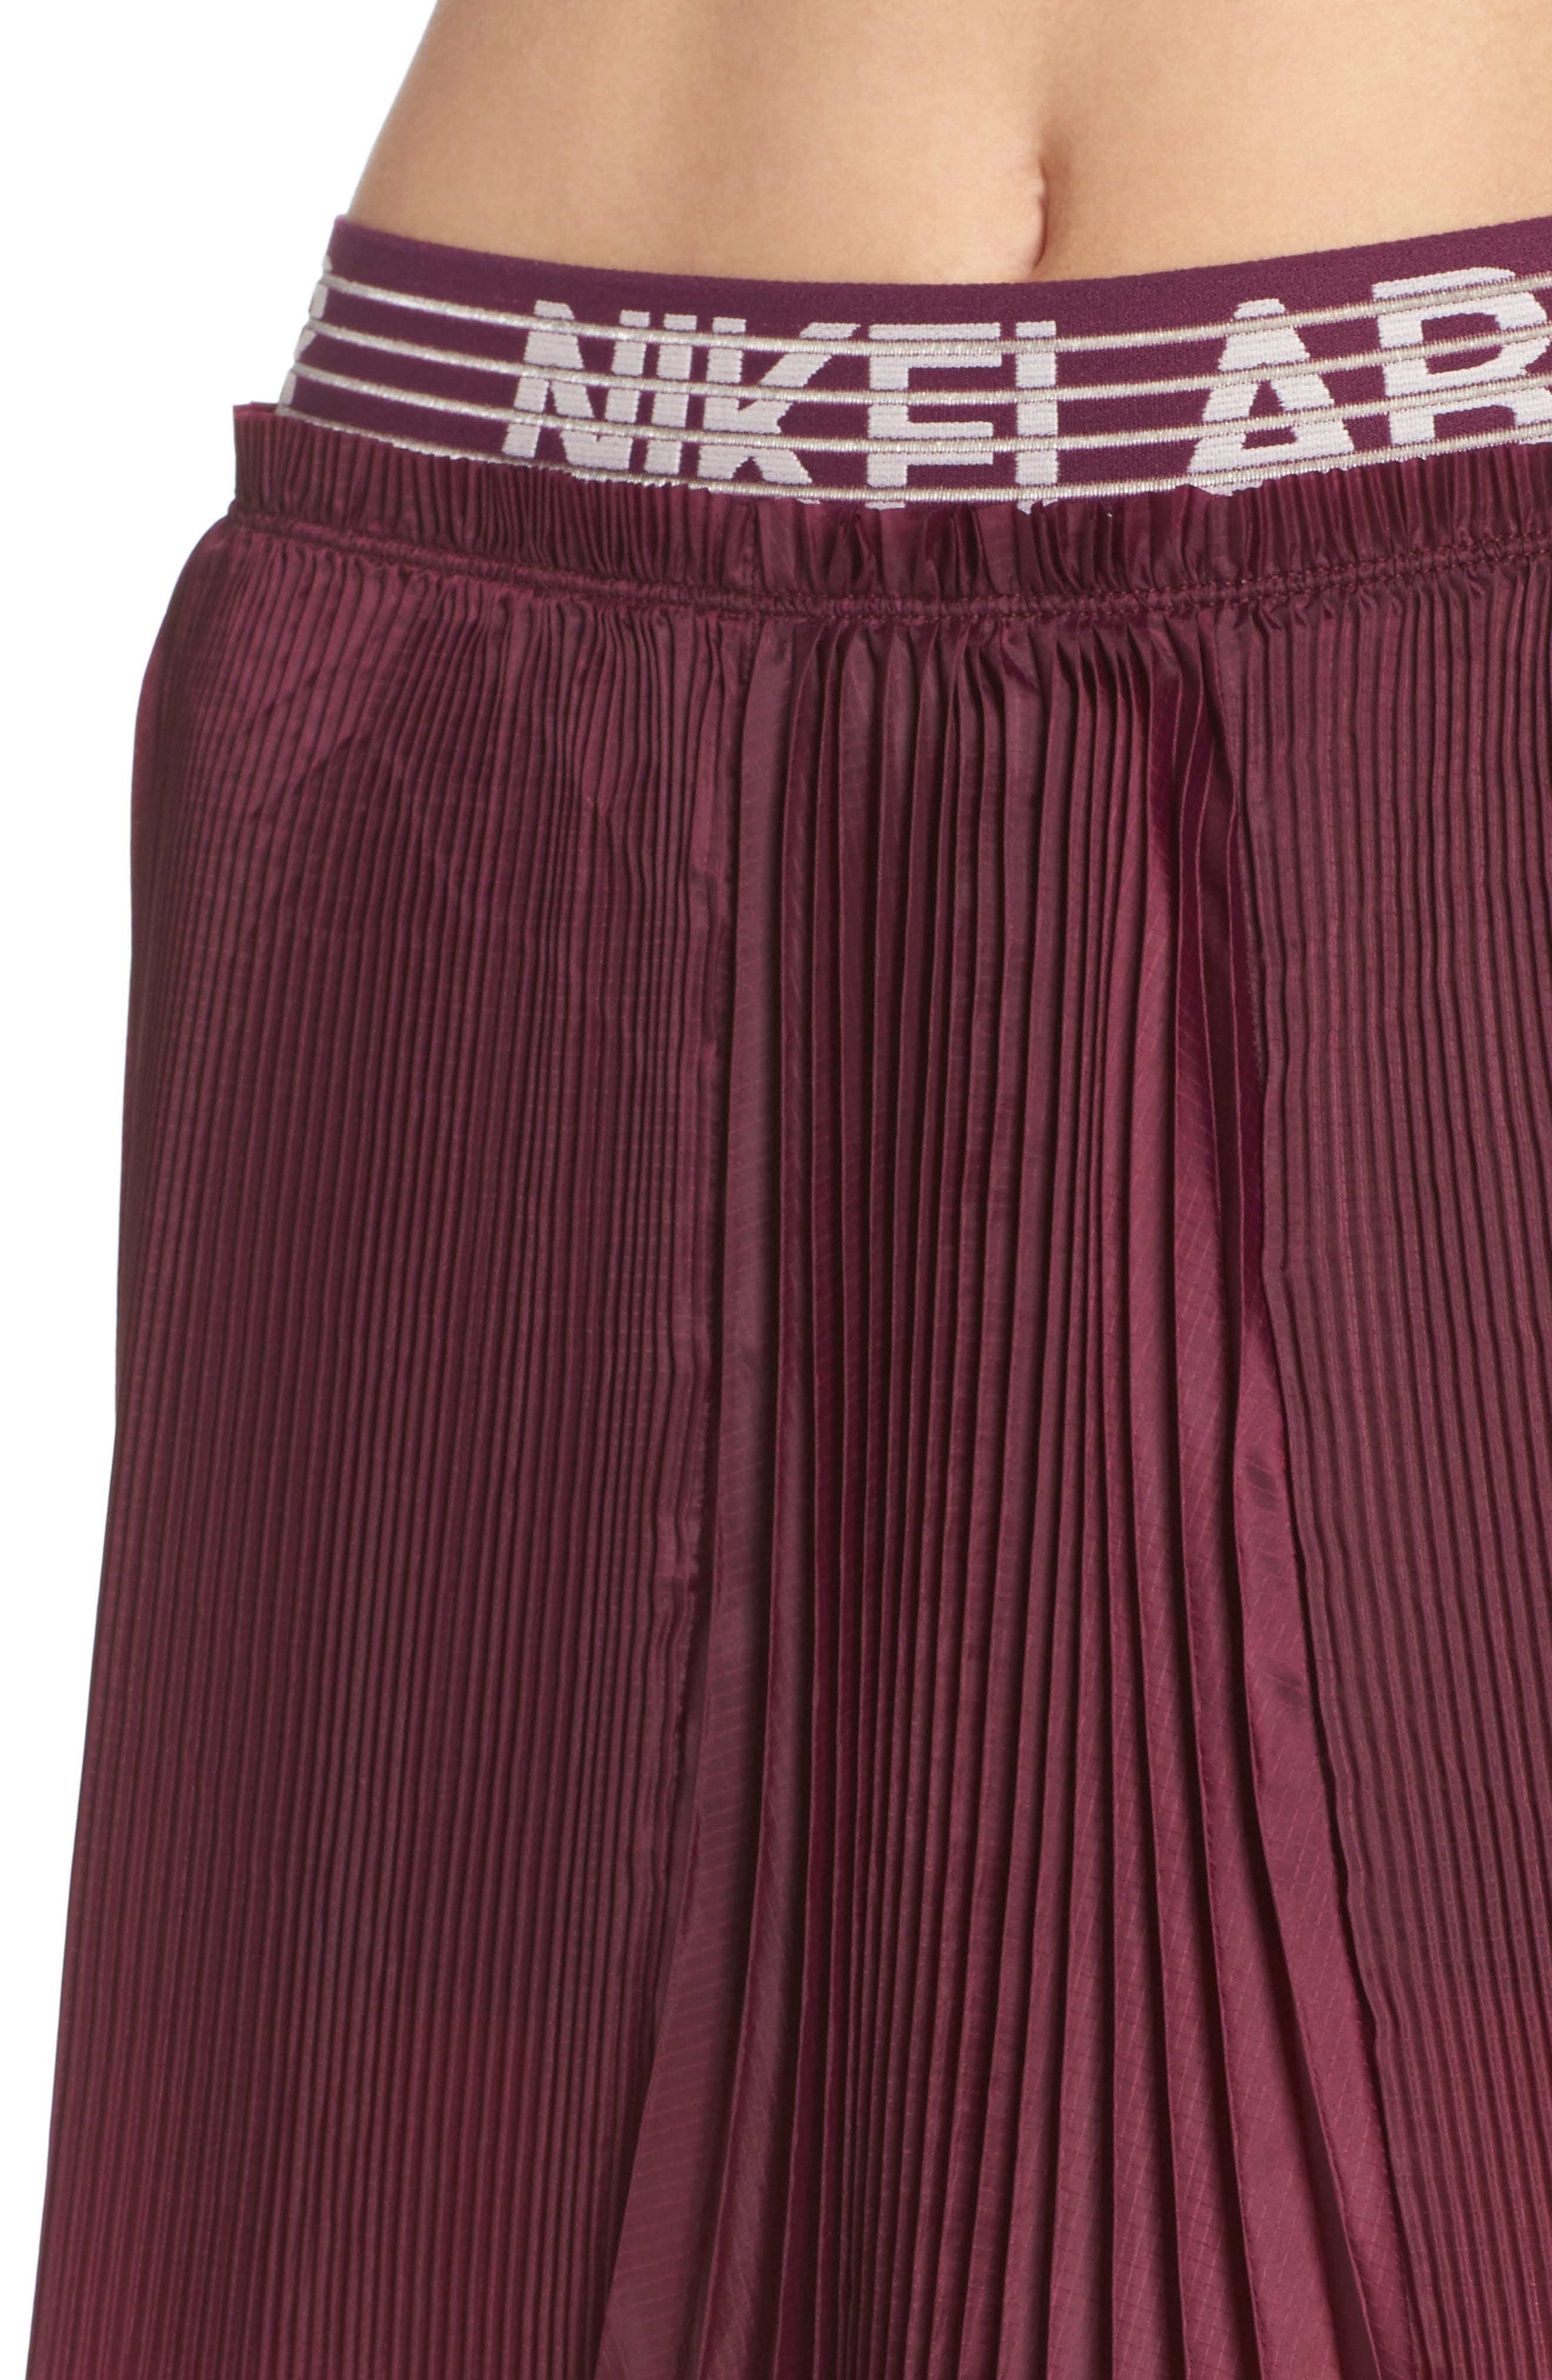 NikeLab Collection Dri-FIT Tennis Skirt,                             Alternate thumbnail 4, color,                             Bordeaux